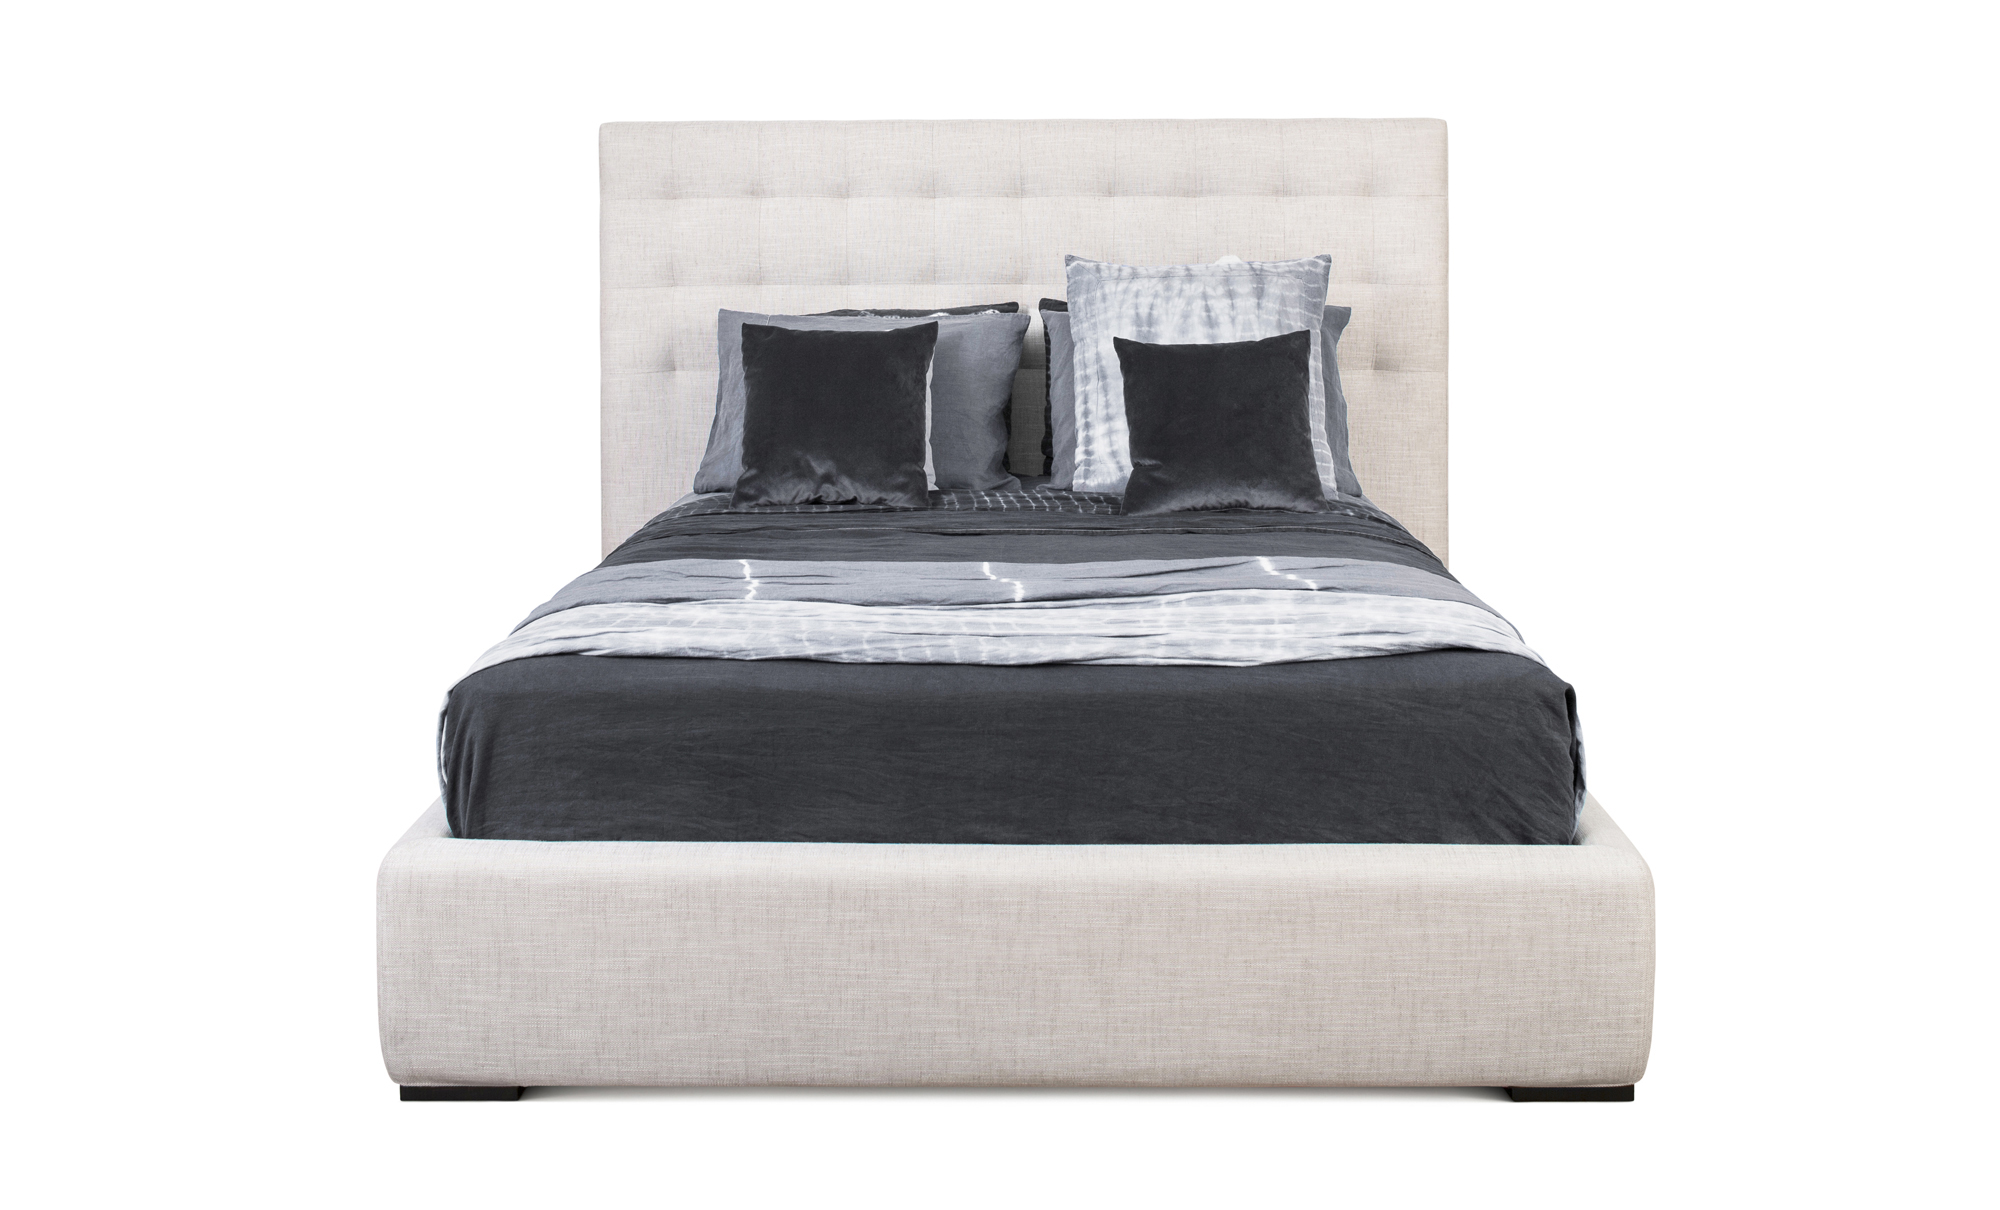 Axil Bed